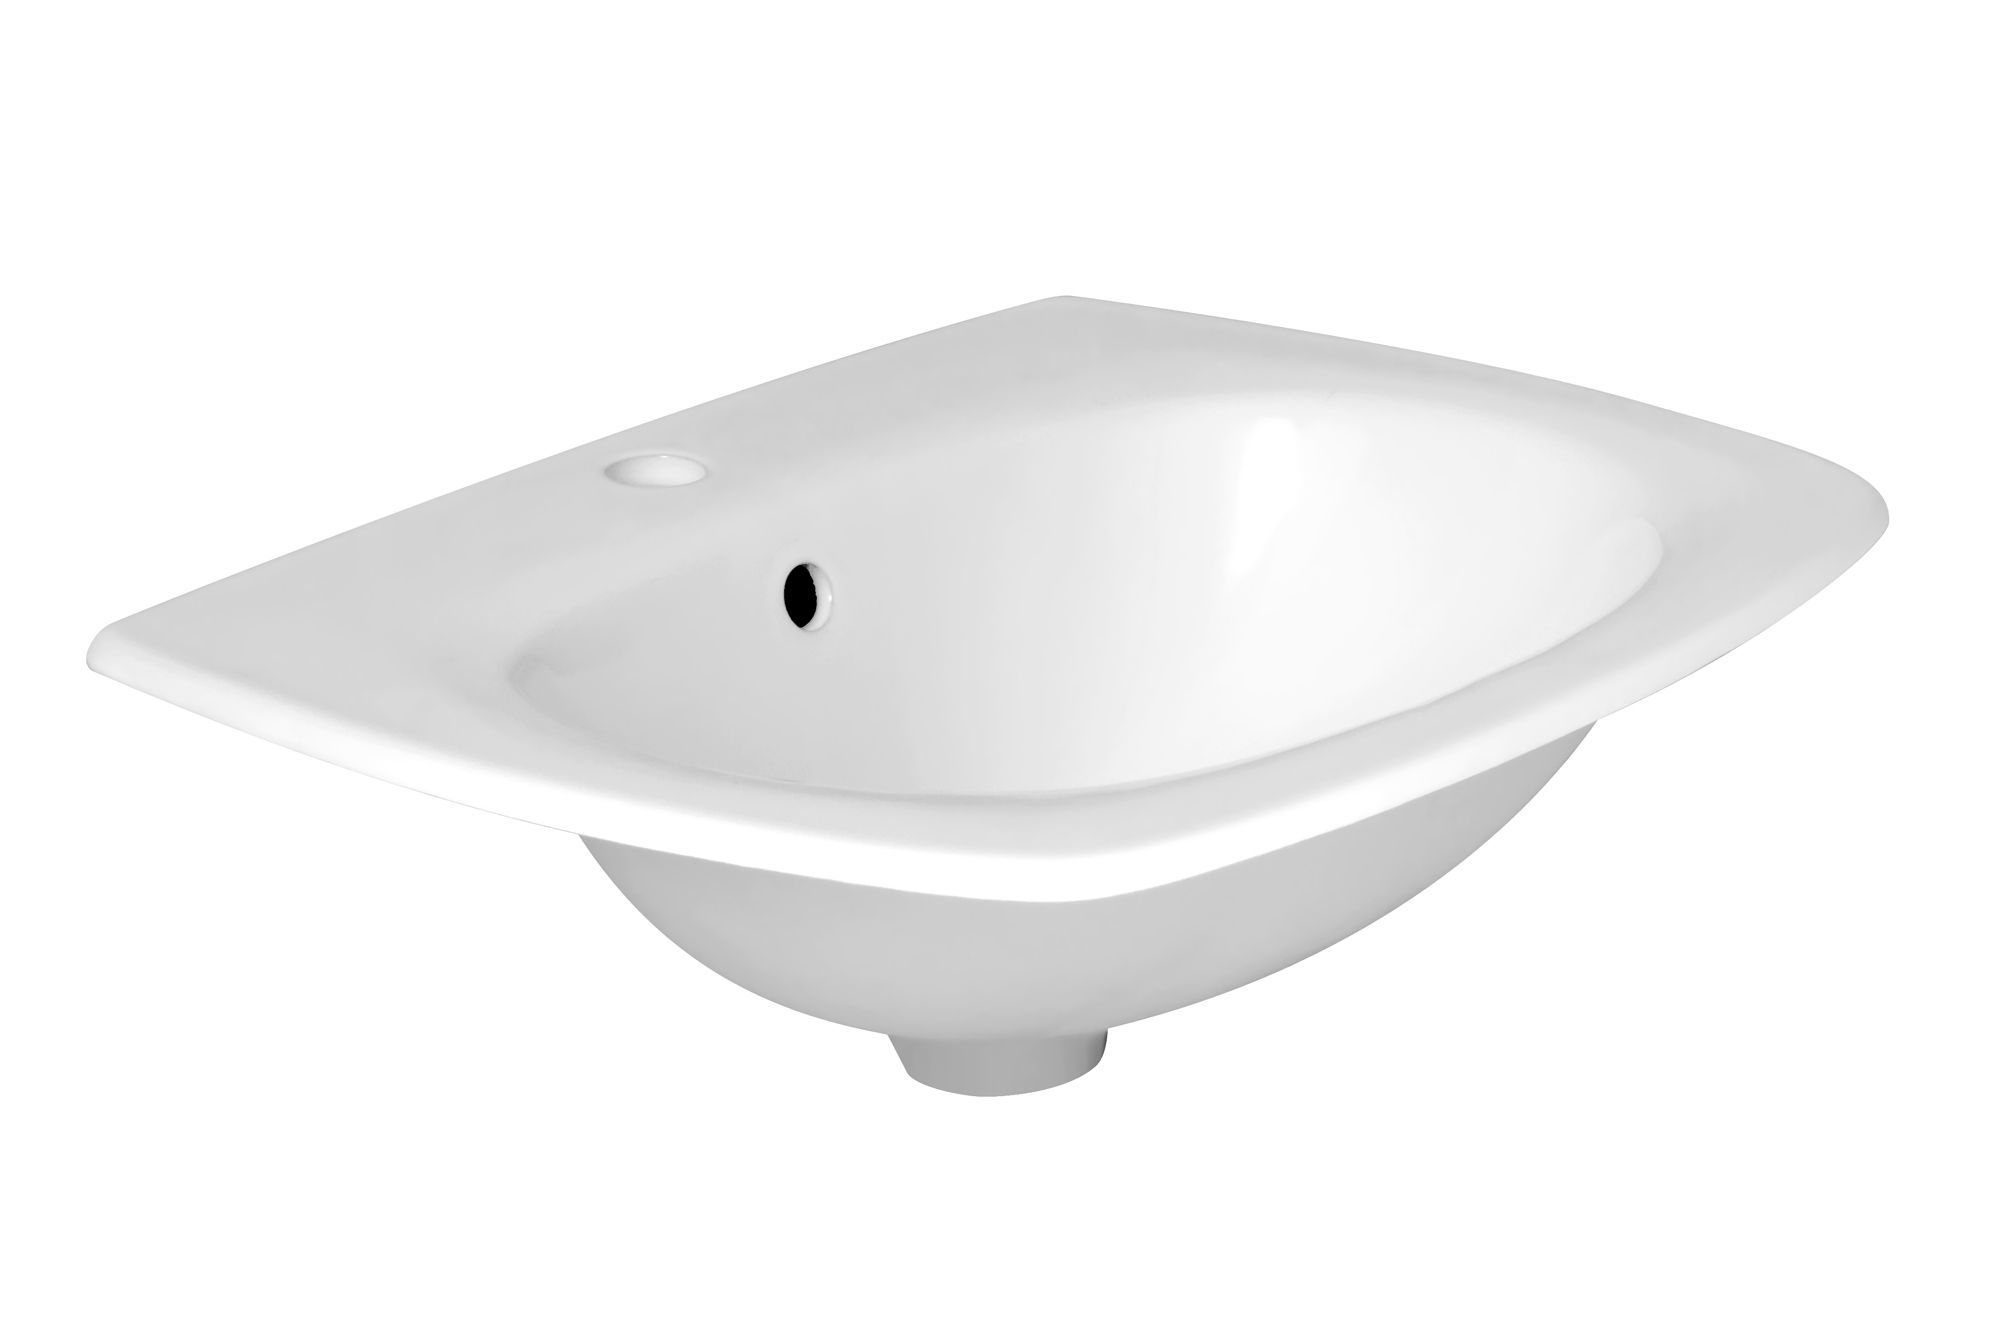 Inbouw wasbak badkamer wasbak half inbouw 080443 gt wibma ontwerp